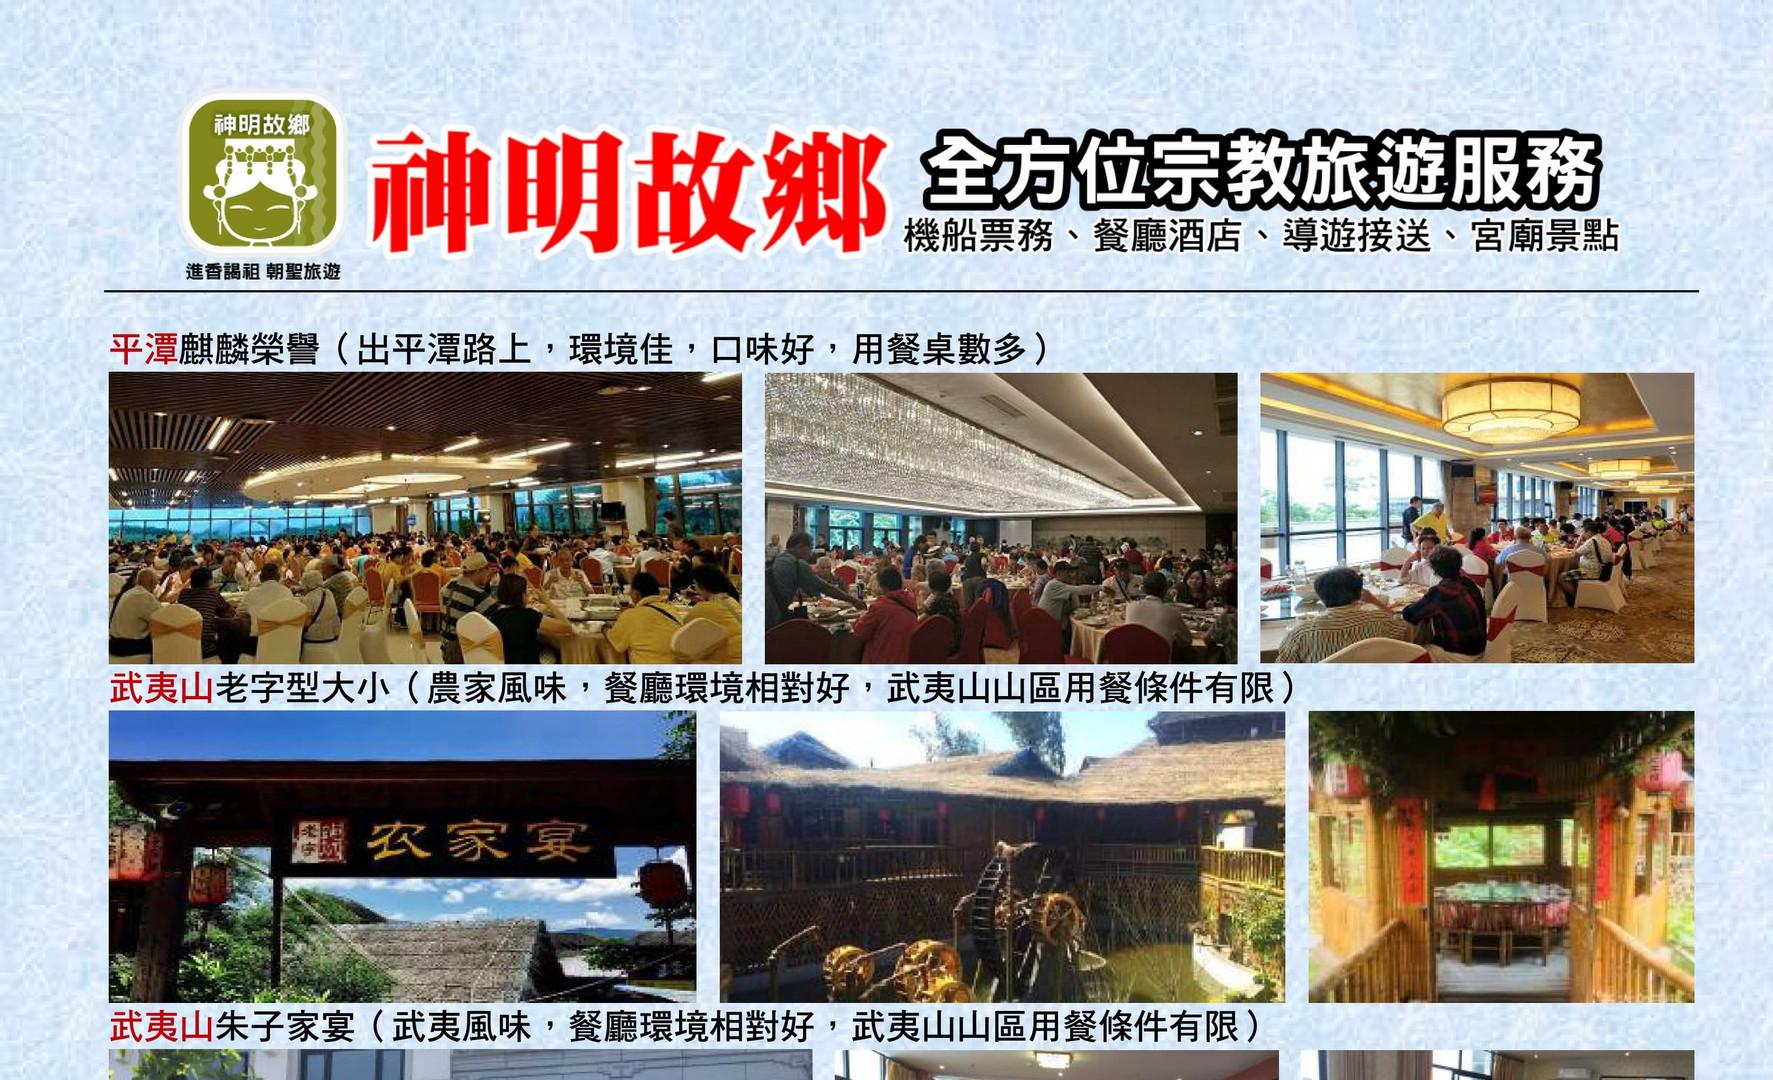 神明故鄉-福建進香旅遊地接資料C_11.jpg